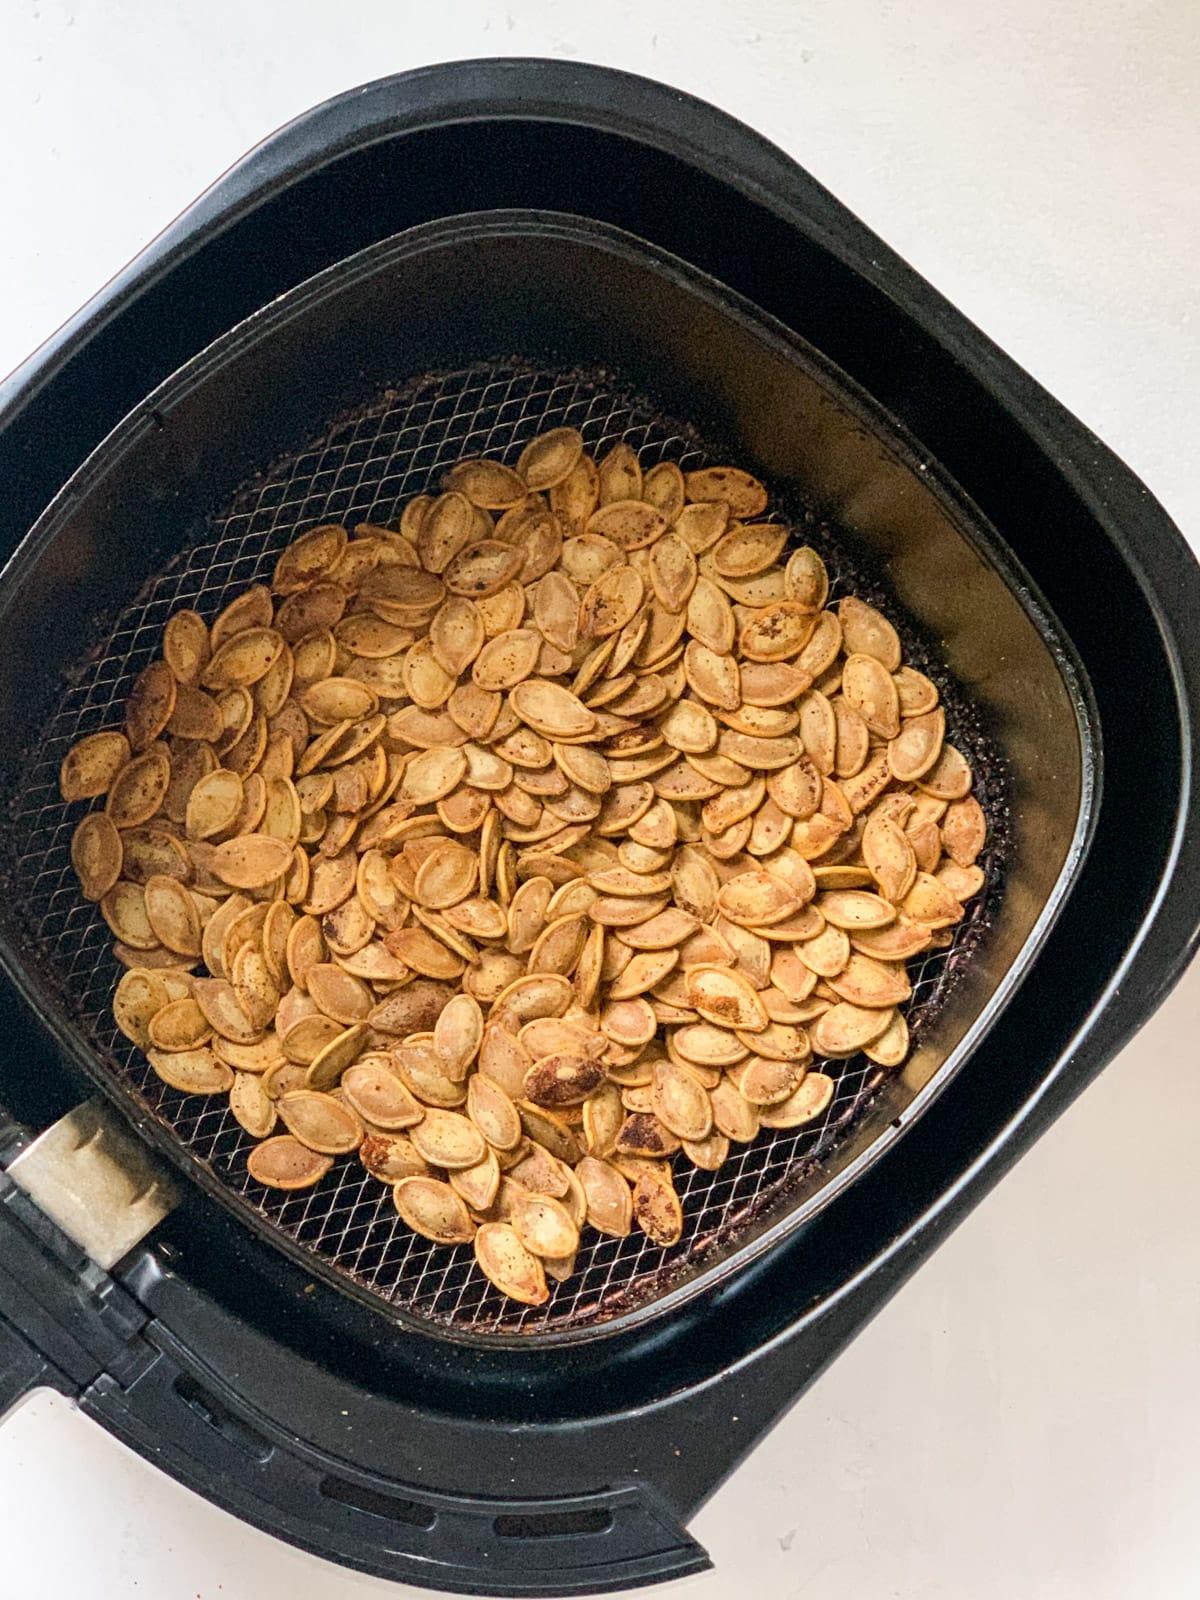 Pumpkin seeds roasted in an air fryer